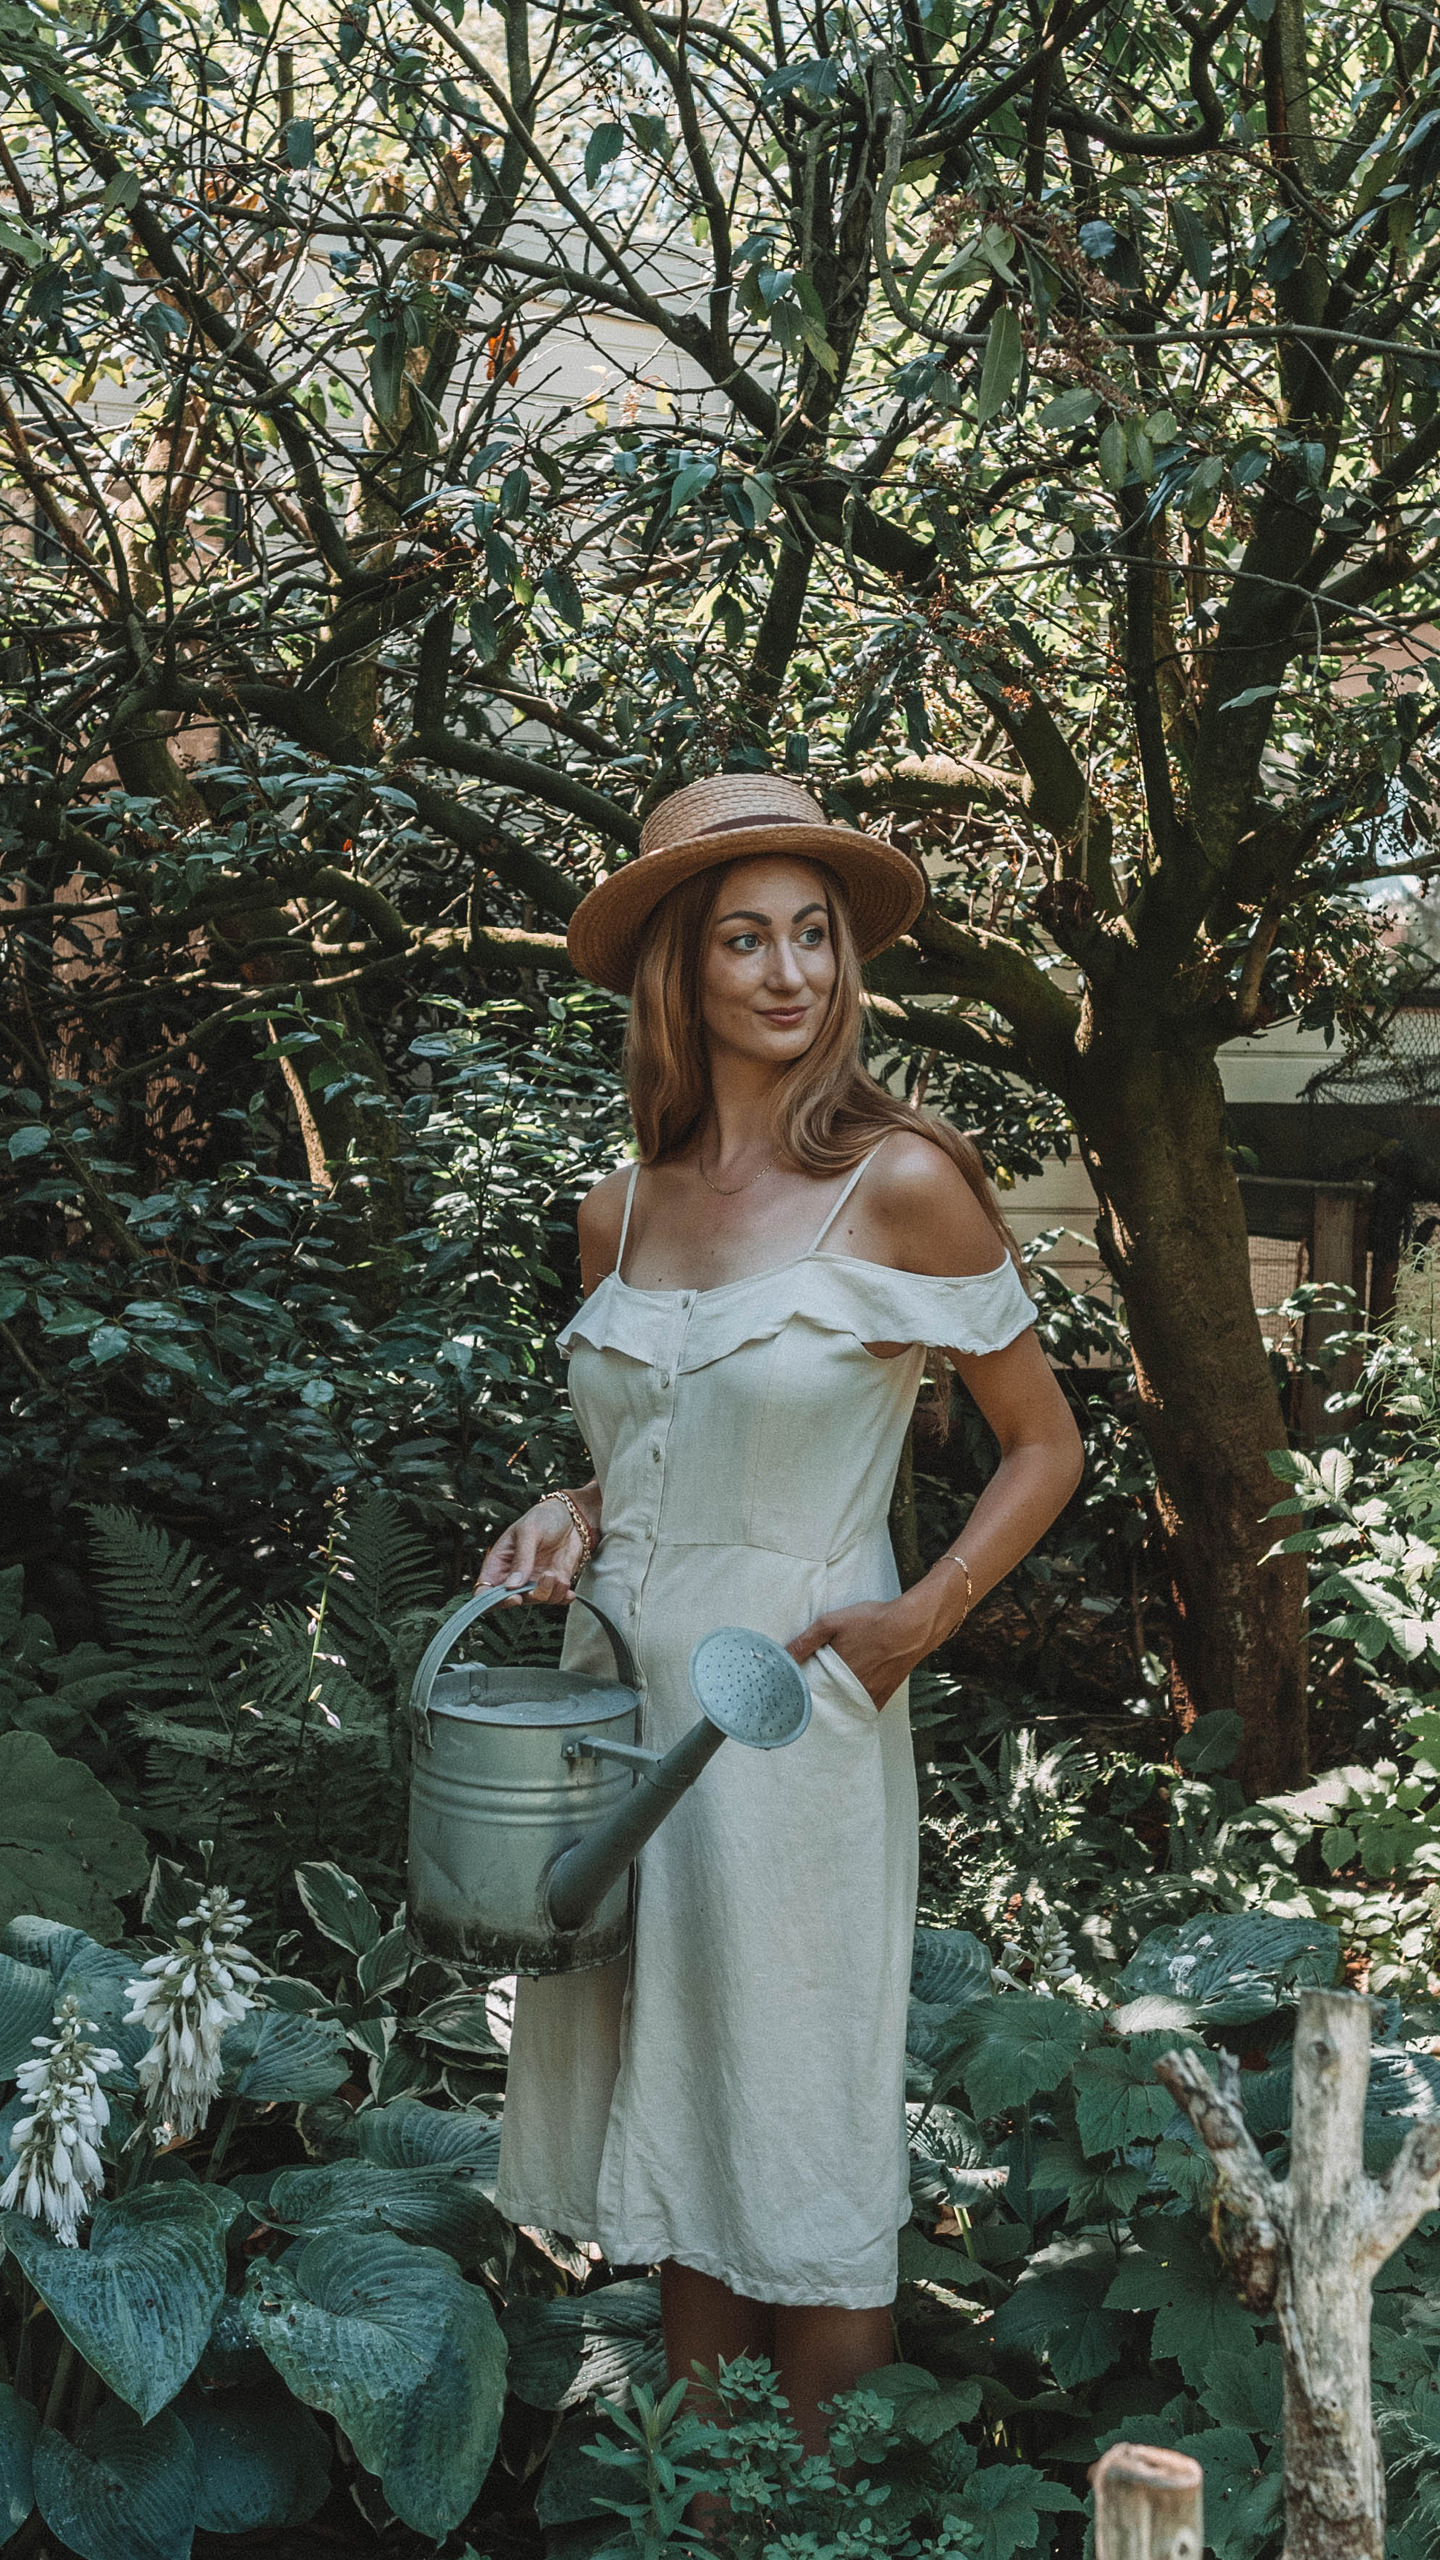 Dit kun je in juli in de tuin doen Linda's Wholesome Garden